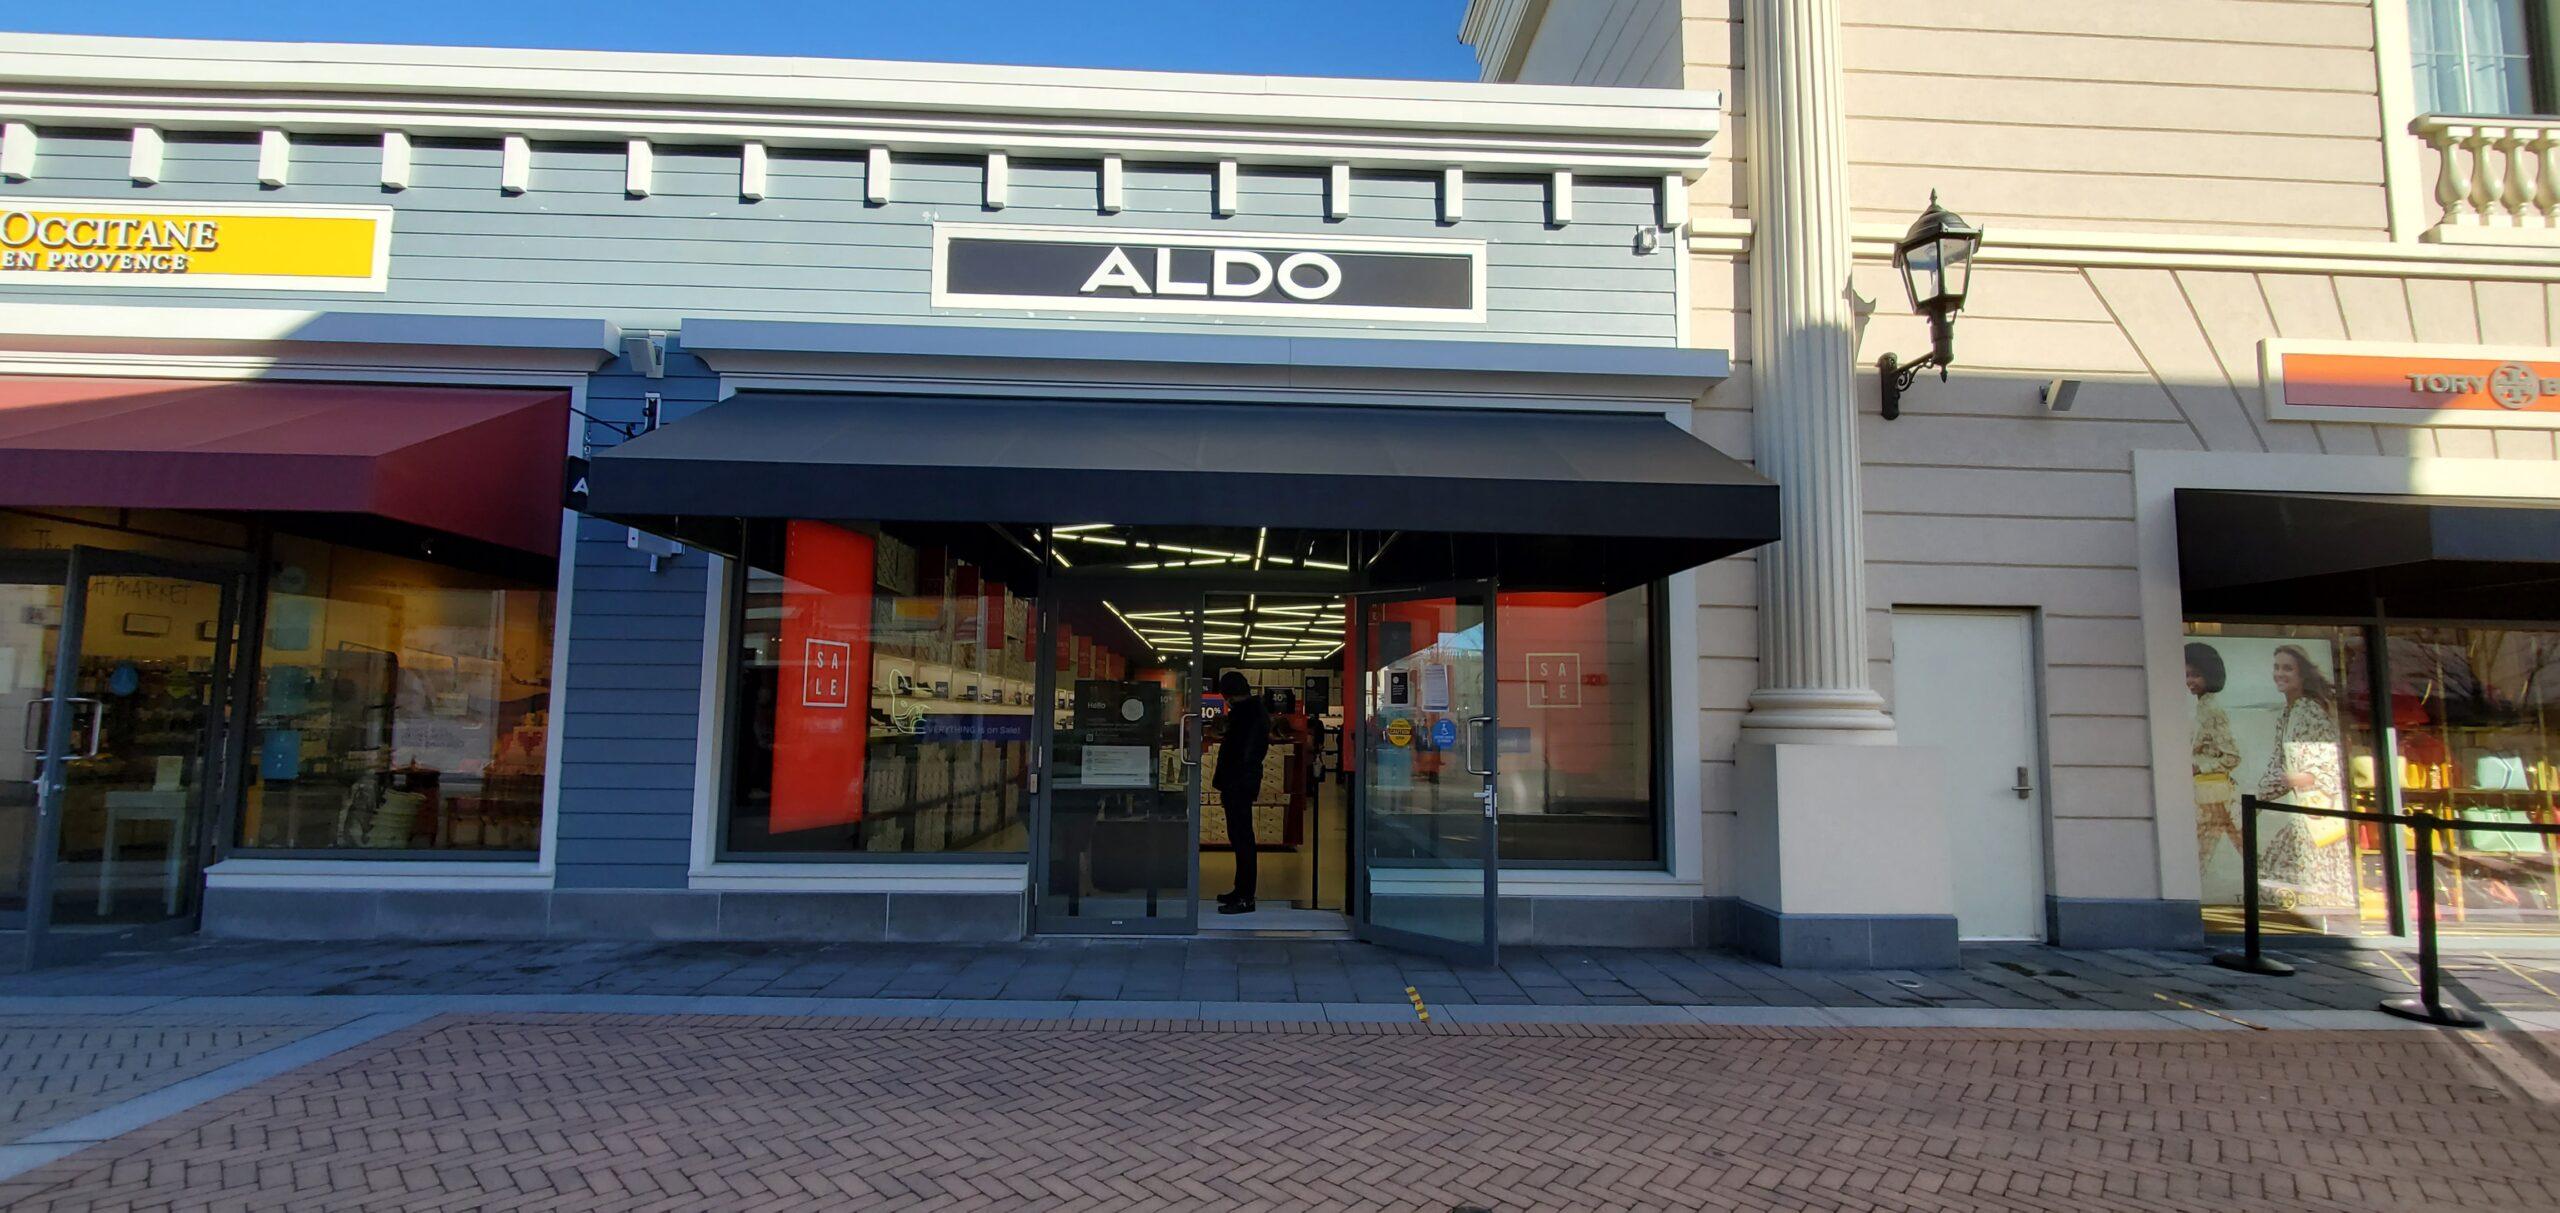 Aldo at McArthur Glen. Photo: Geetanjali Sharma